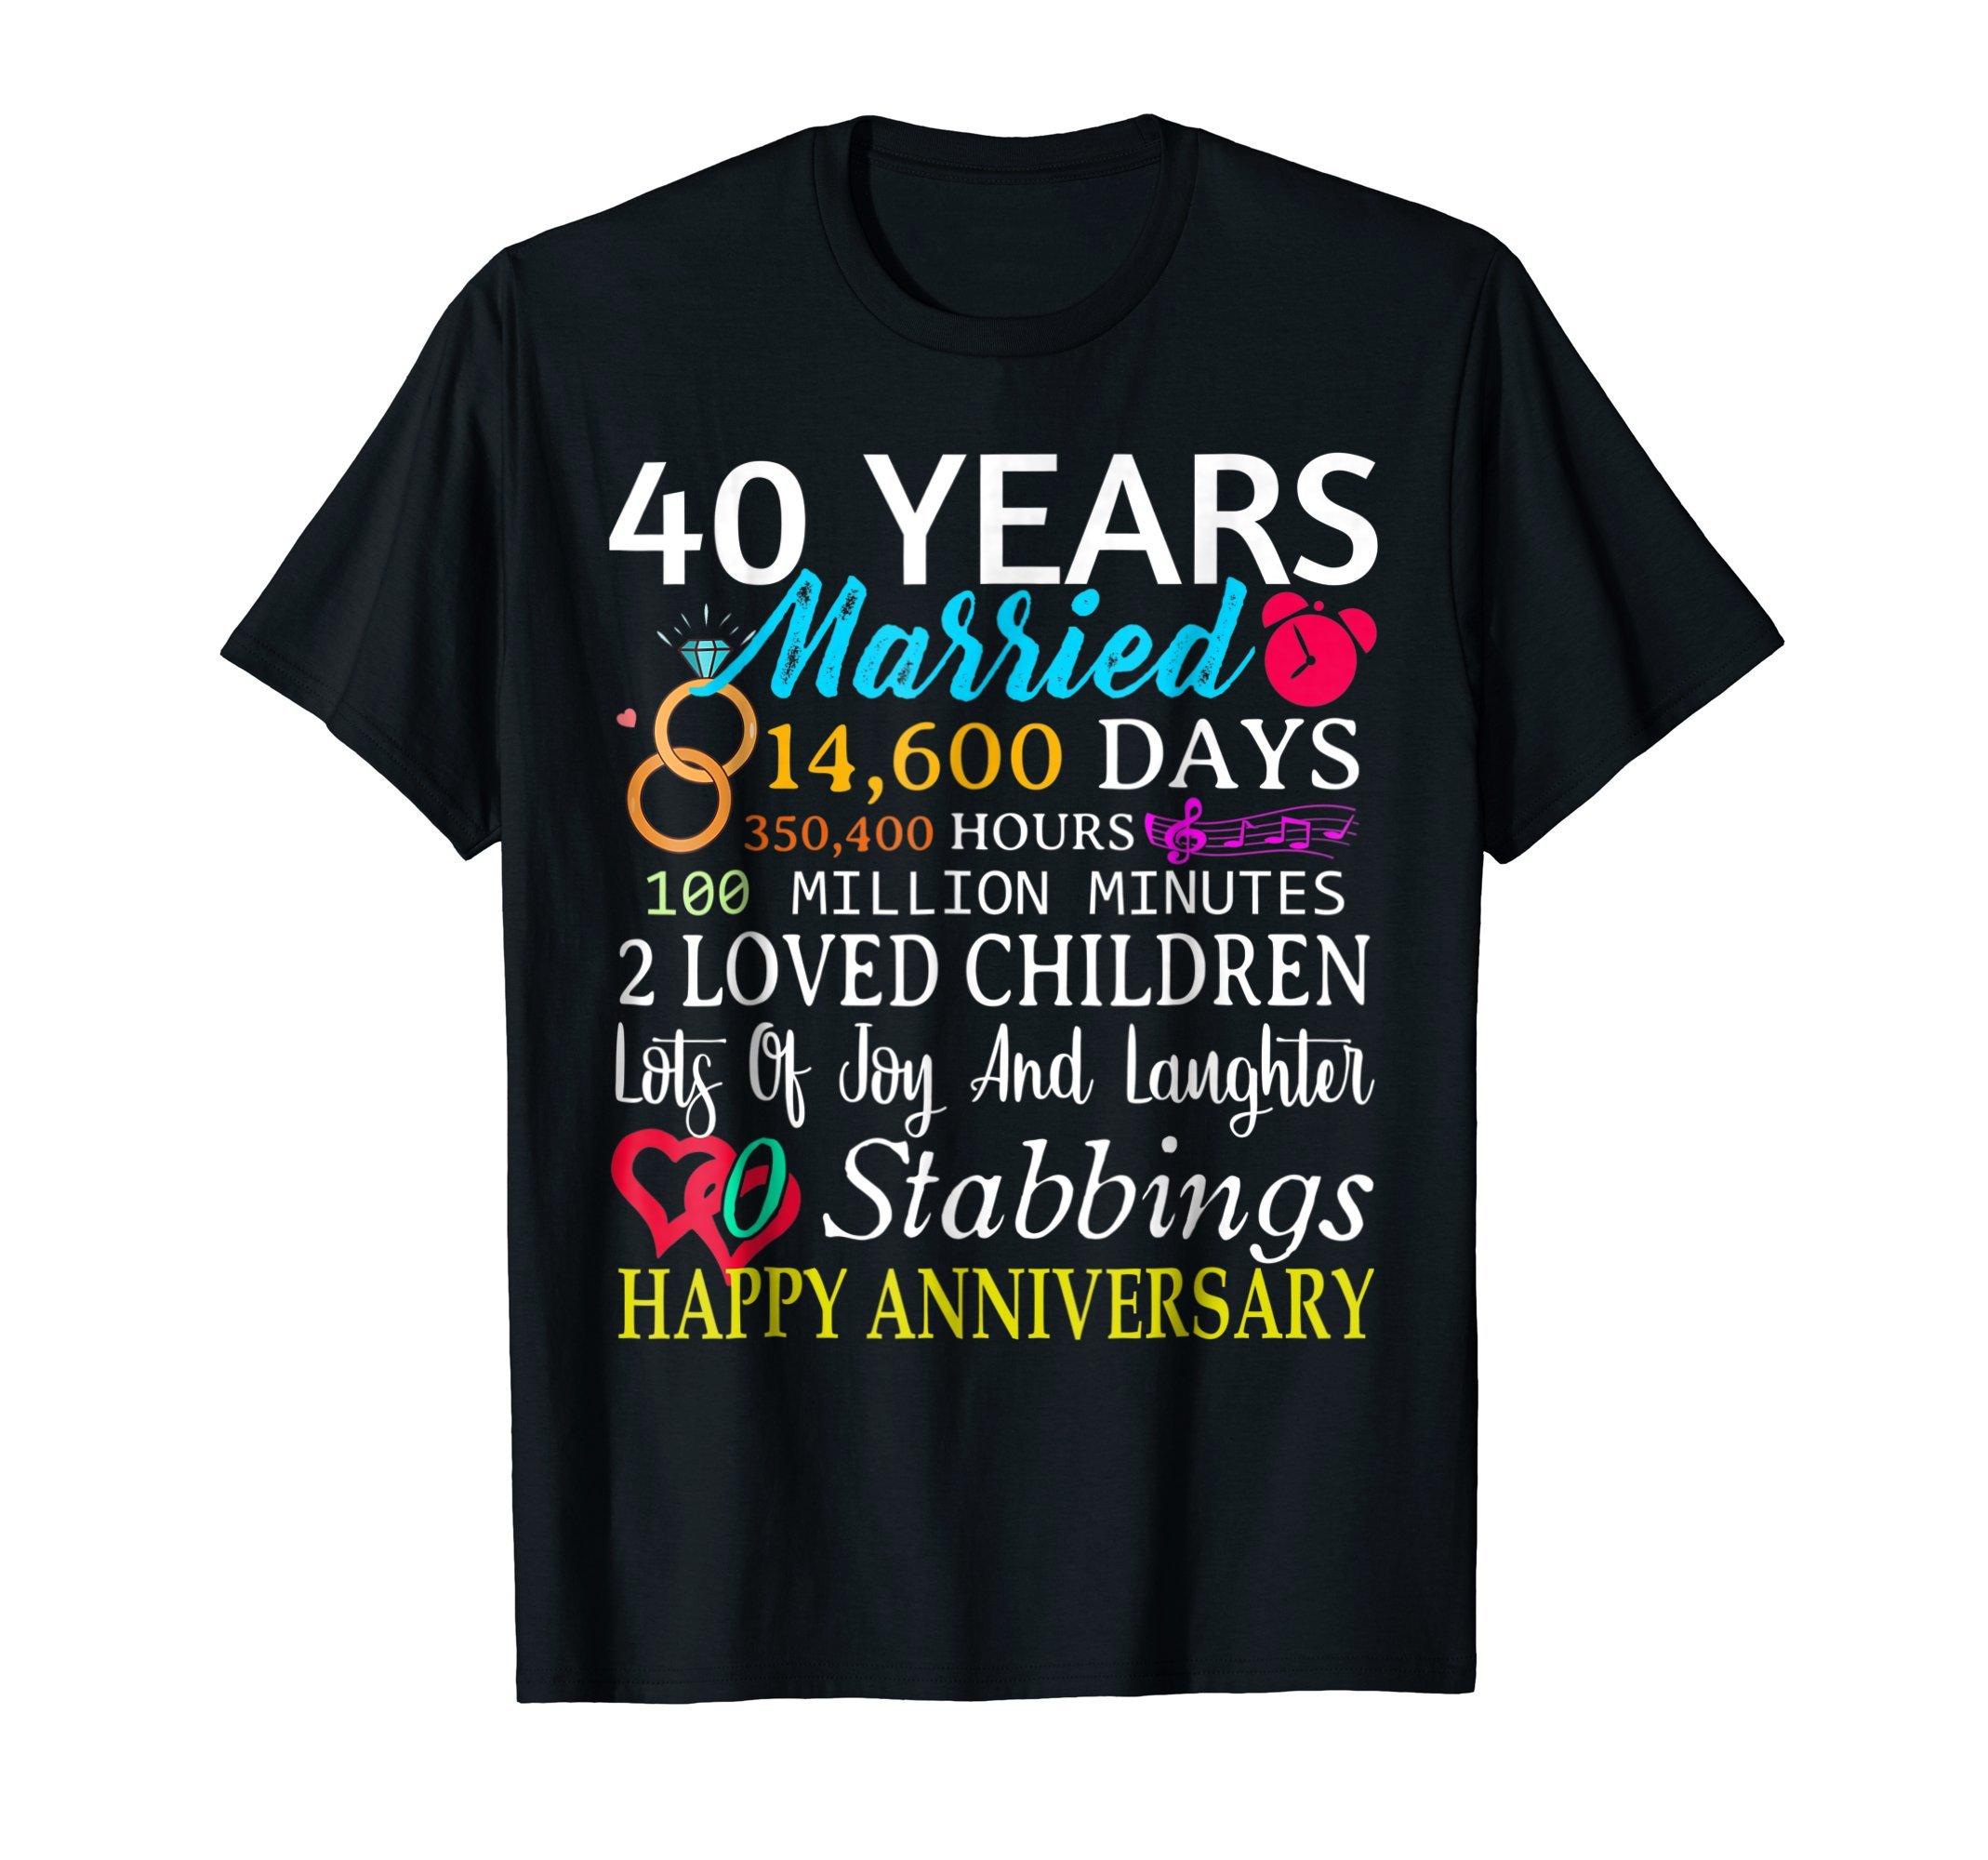 40th Wedding Anniversary Gift 40 Year Anniversary T Shirt